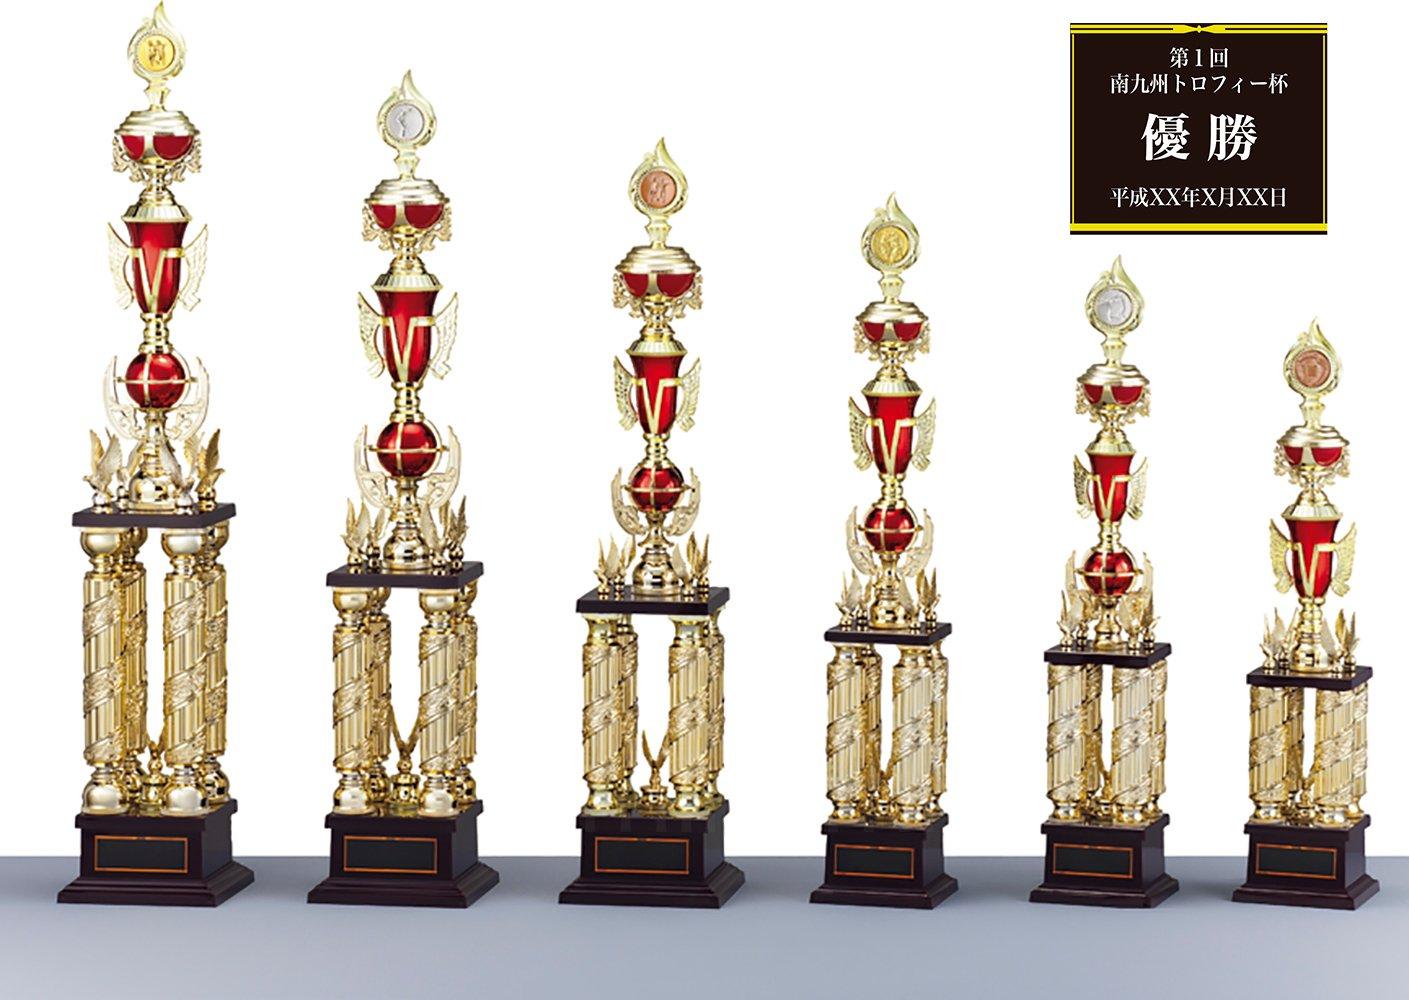 [レーザー彫刻名入れ] GOLD SHACHI 優勝トロフィー TV8901 【パークゴルフ】 B01MY9UYHK 金メダル Bサイズ 高さ93cm 重さ1,510g